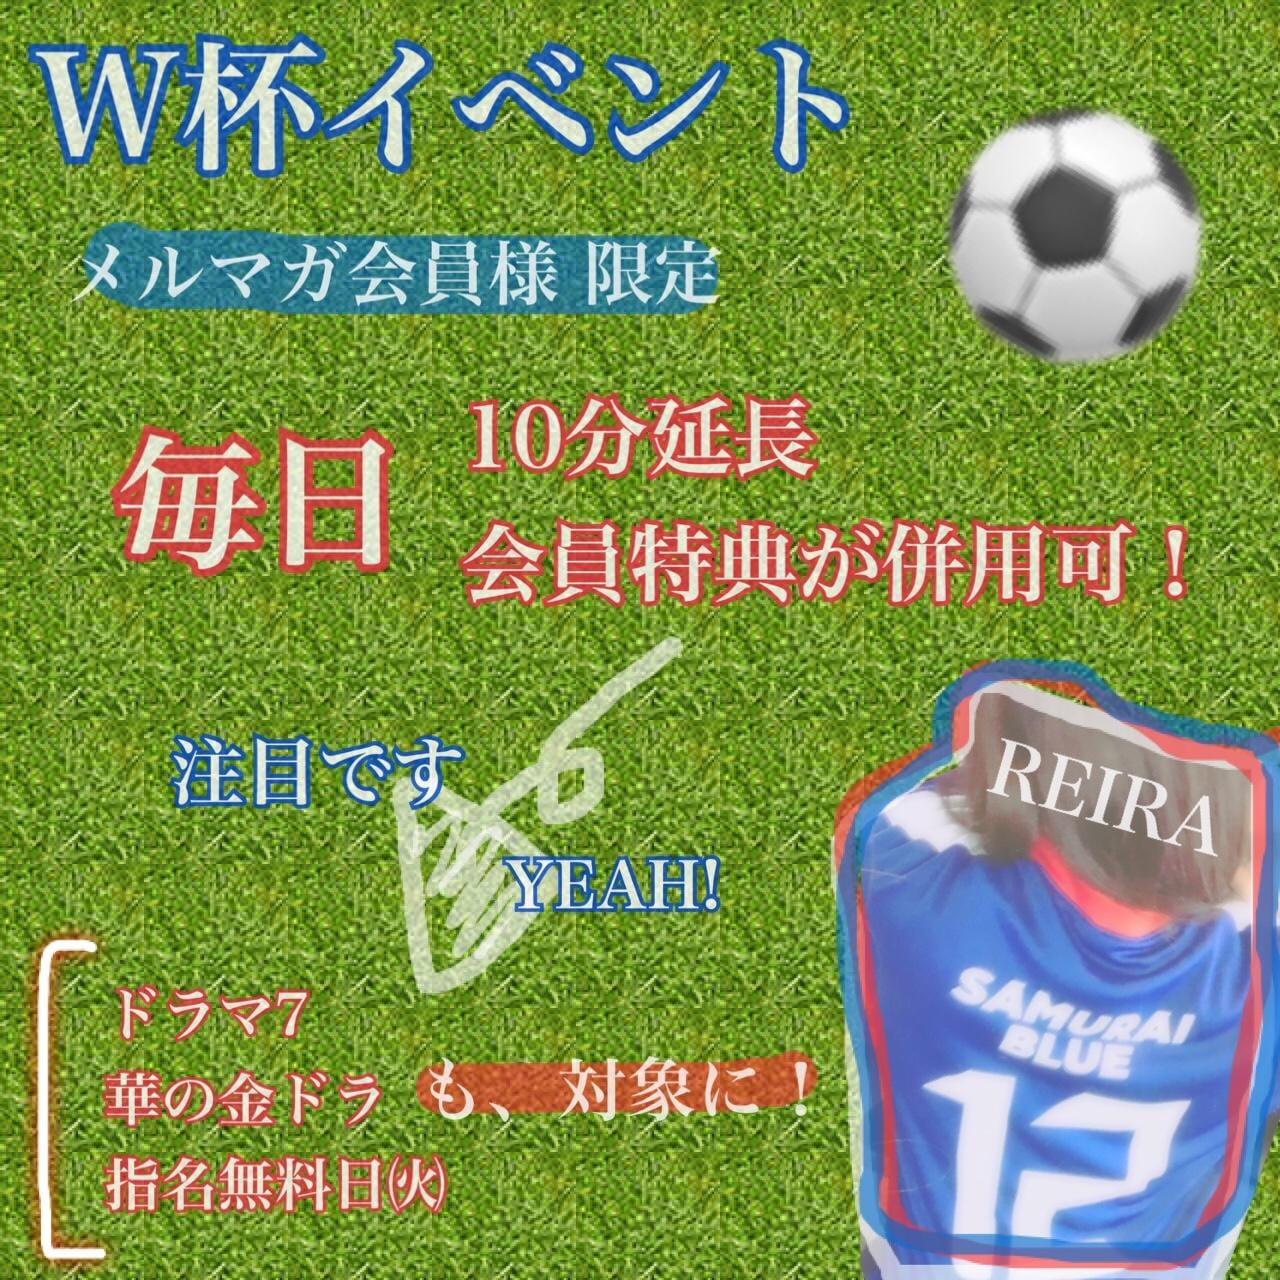 「激アツ」06/01(06/01) 15:54 | れいらの写メ・風俗動画